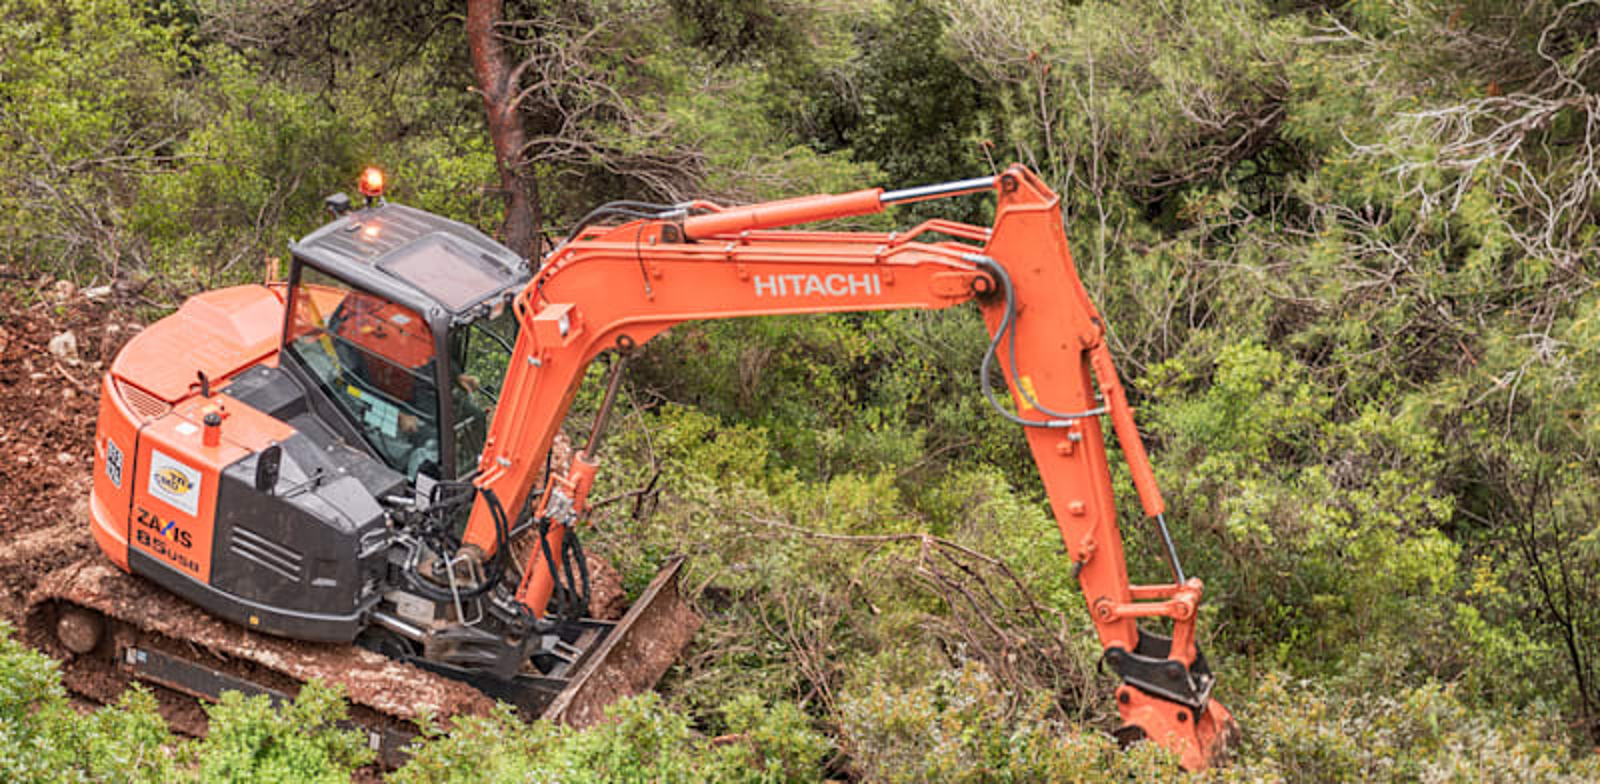 עבודות עפר בצפון הארץ. ביצוע עבודות ללא רישום קבלני הוא עבירה פלילית / צילום: Shutterstock